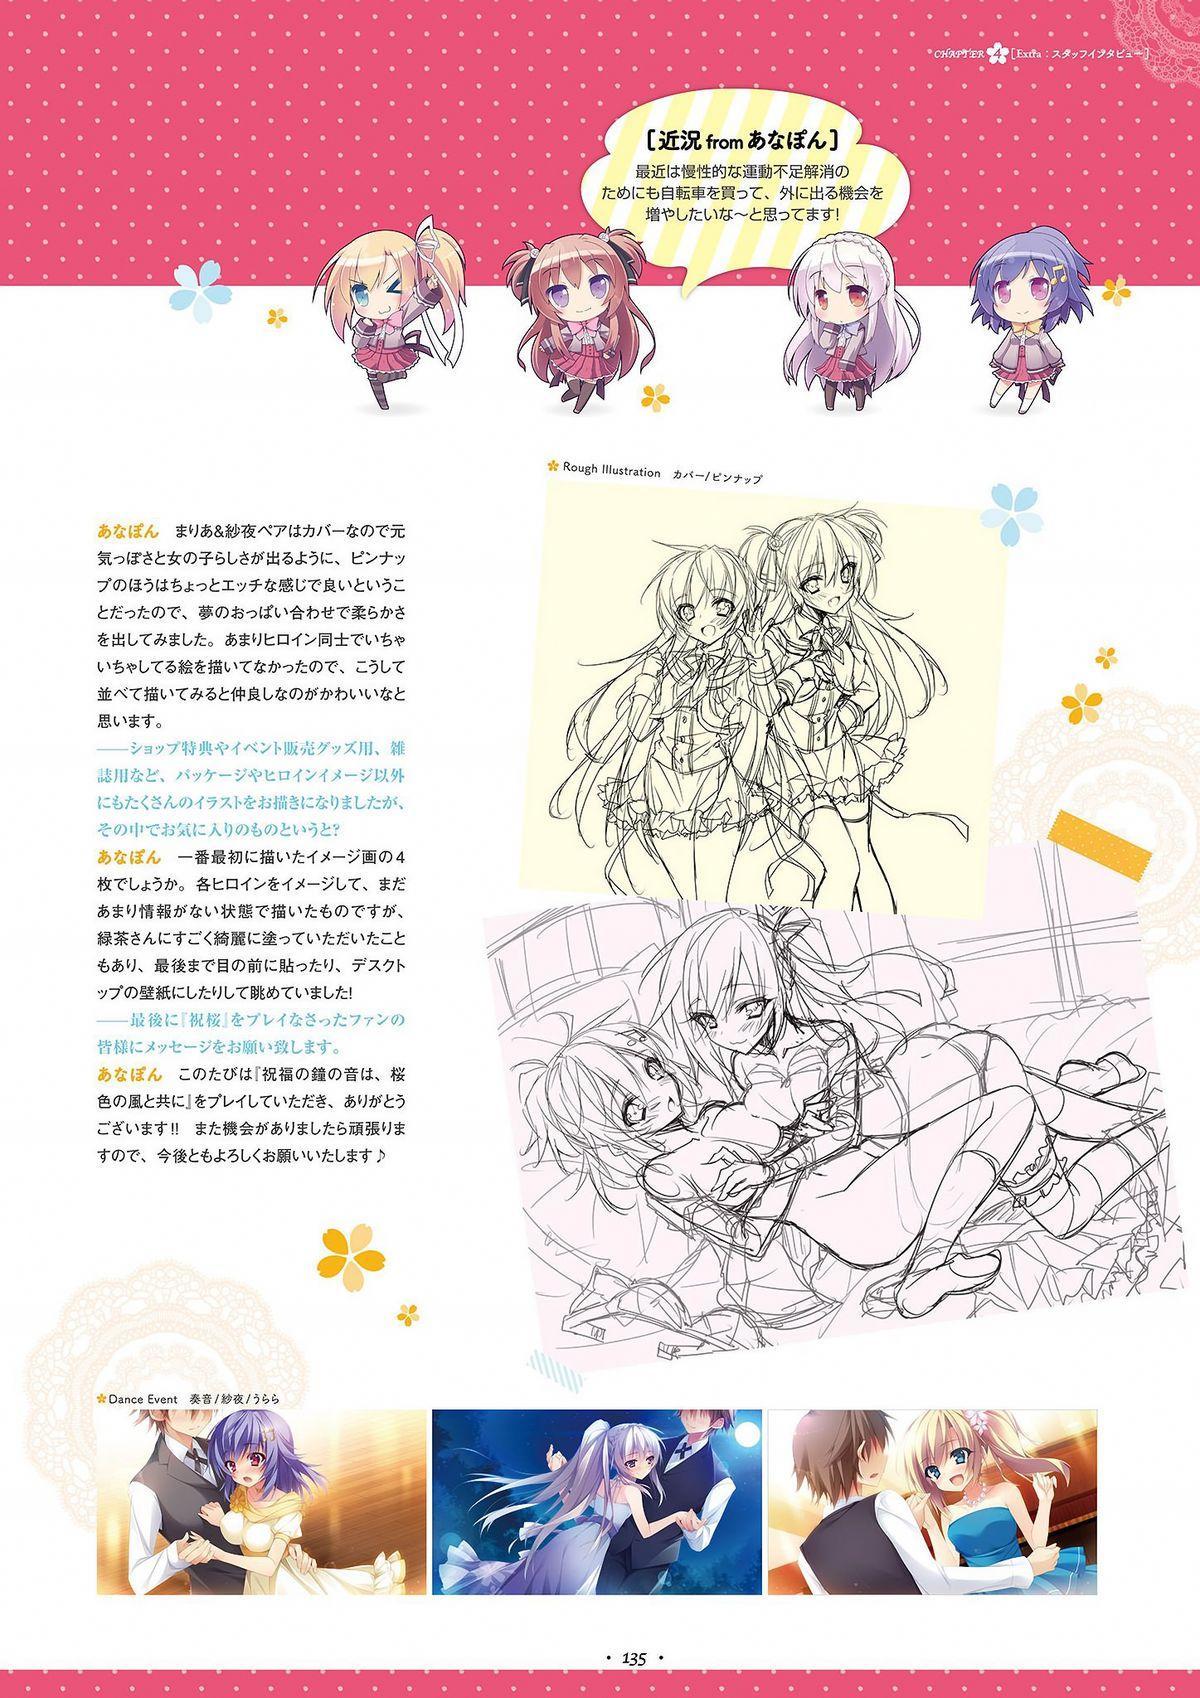 Shukufuku no Kane no Oto wa, Sakura-iro no Kaze to Tomo ni Visual Fanbook 132